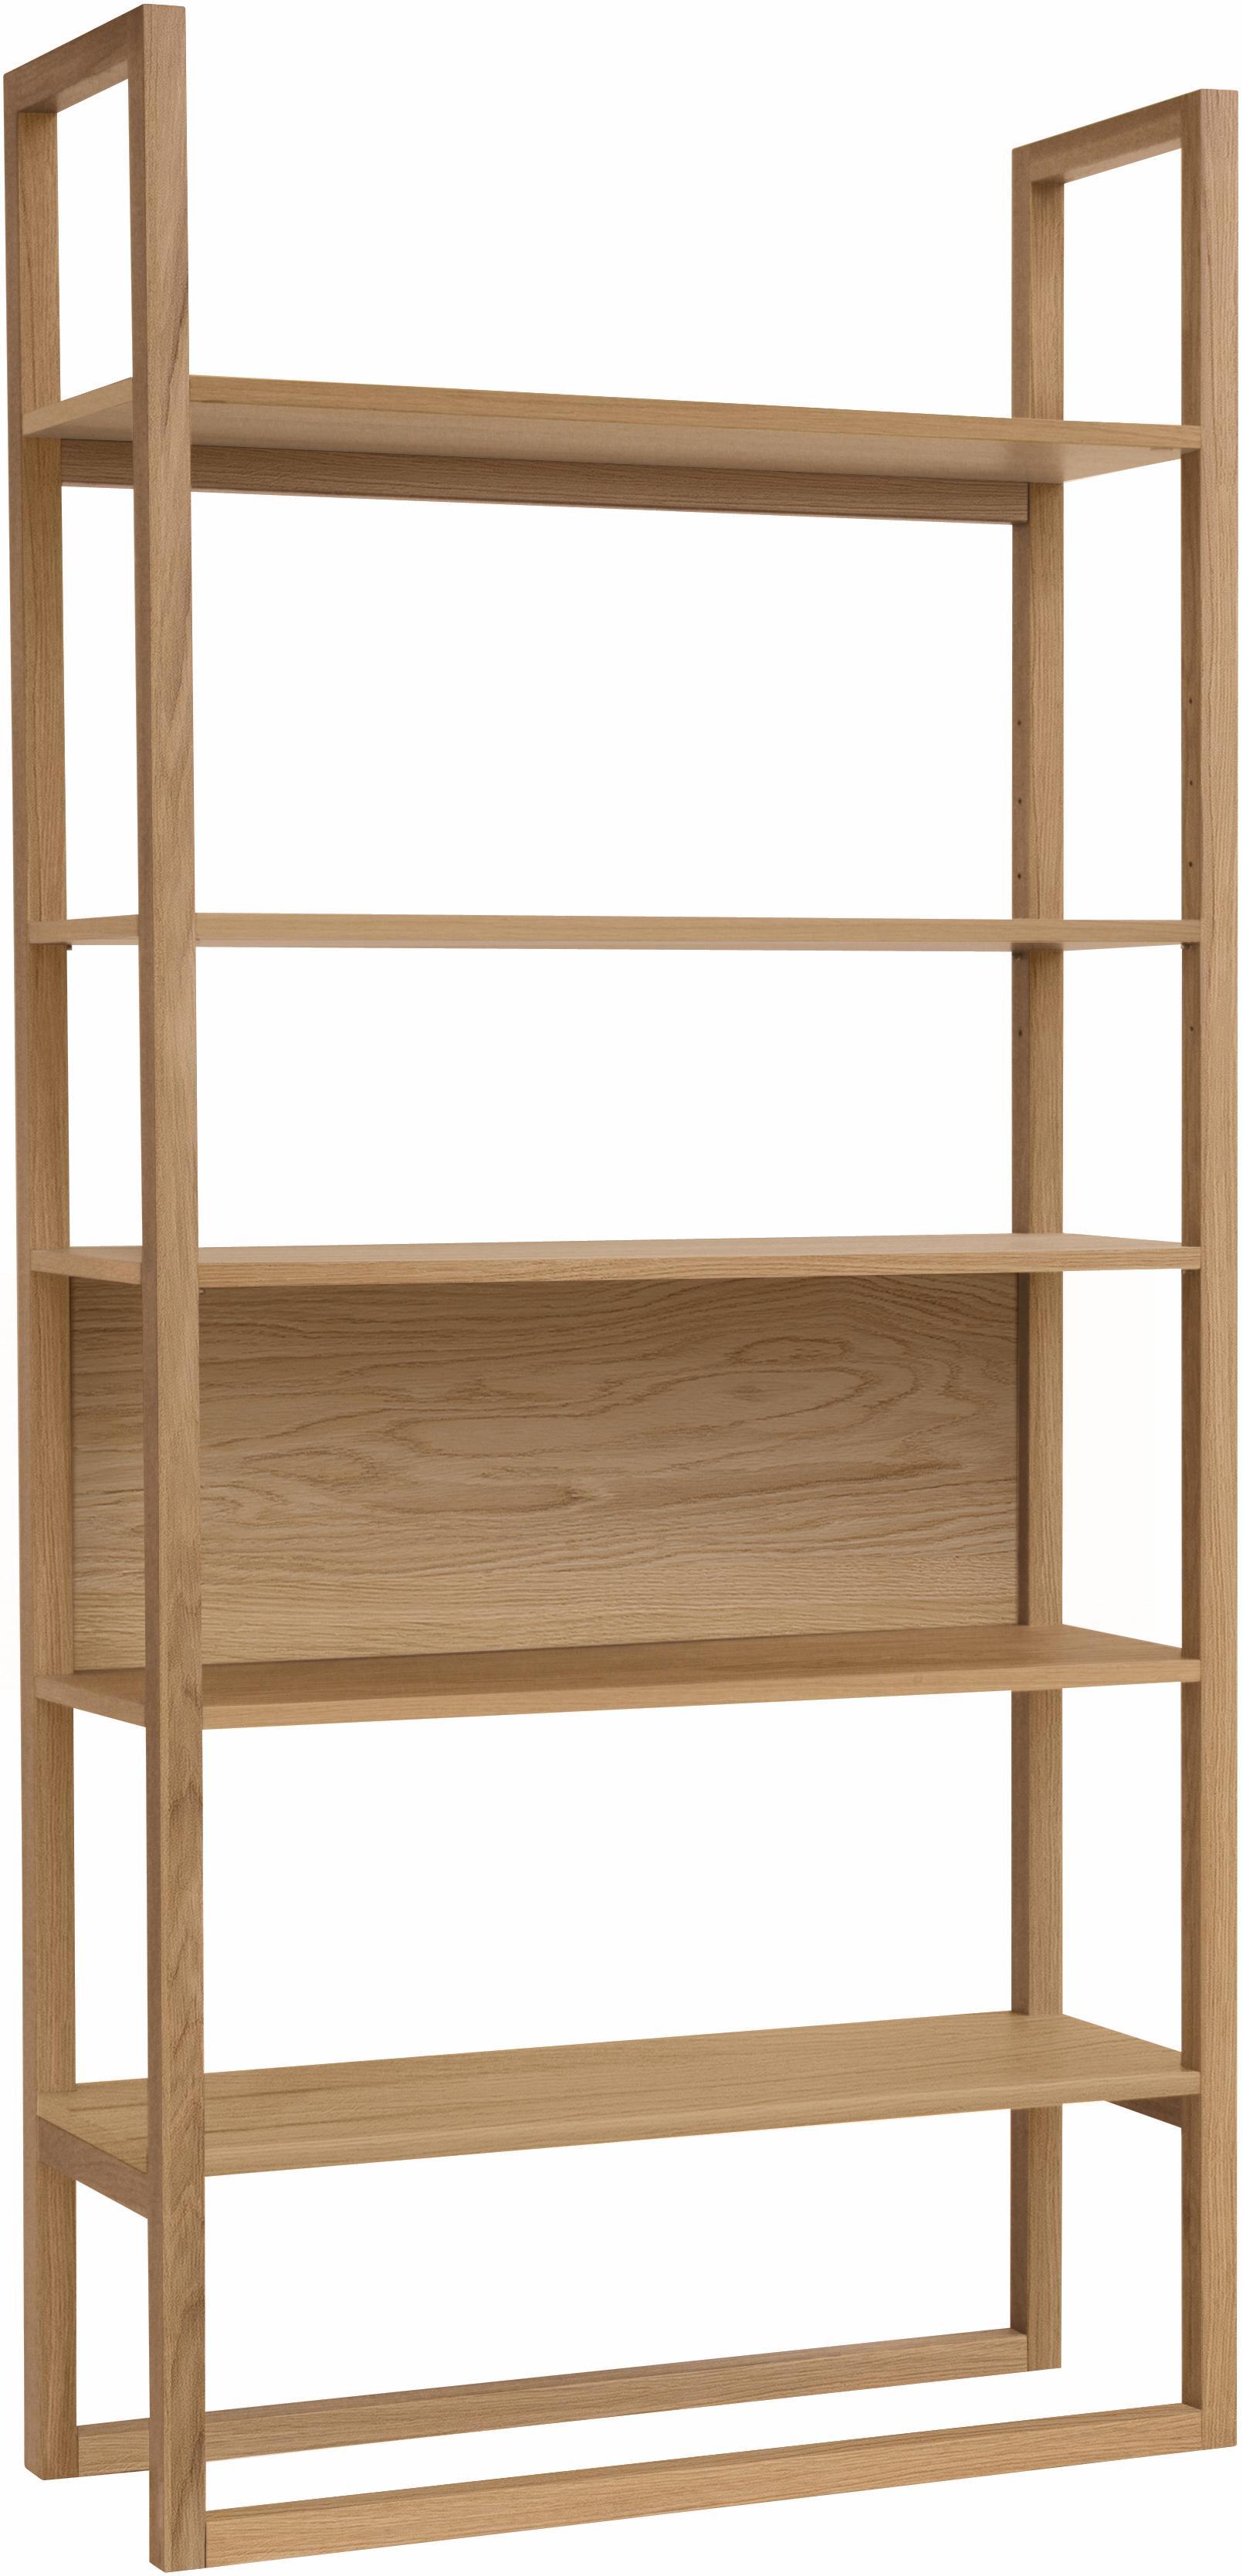 Estantería en madera de roble NewEst, Estructura: roble, lacado, Estantes: aglomerado, chapa de robl, Roble, An 90 x Al 185 cm